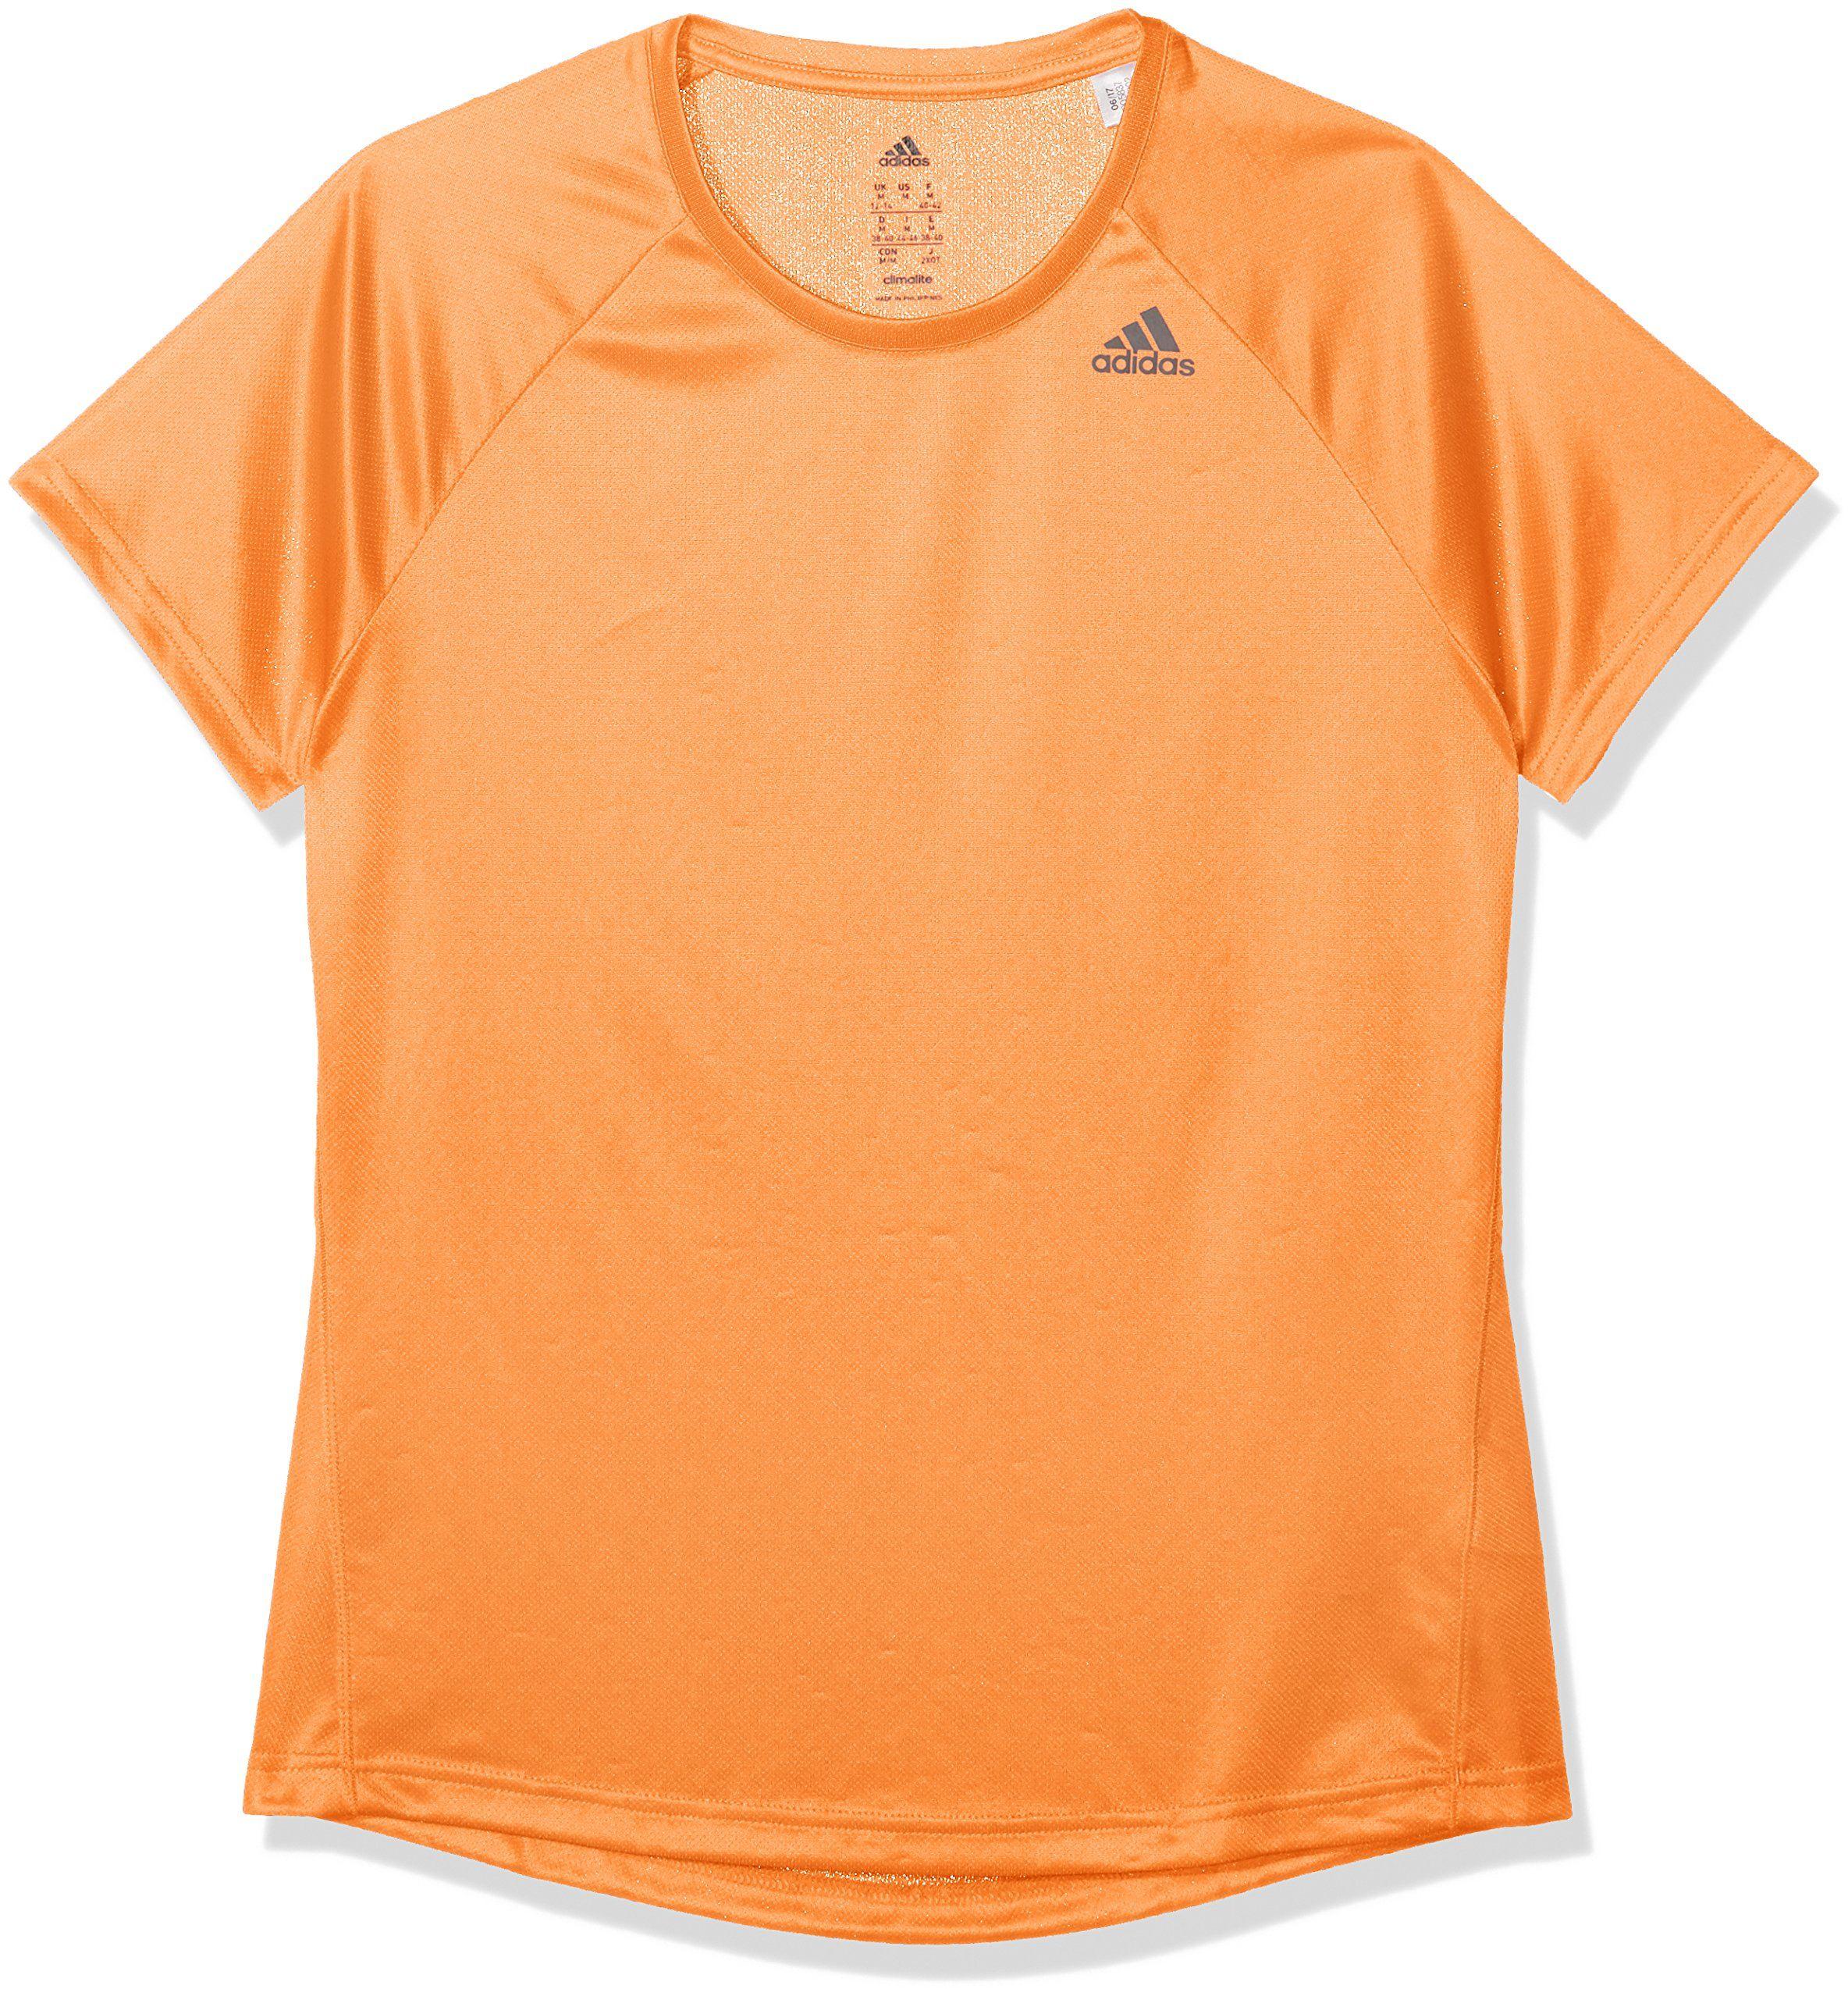 Adidas damskie D2M Lose top z krótkim rękawem, wielokolorowe/narsen, 2X-małe